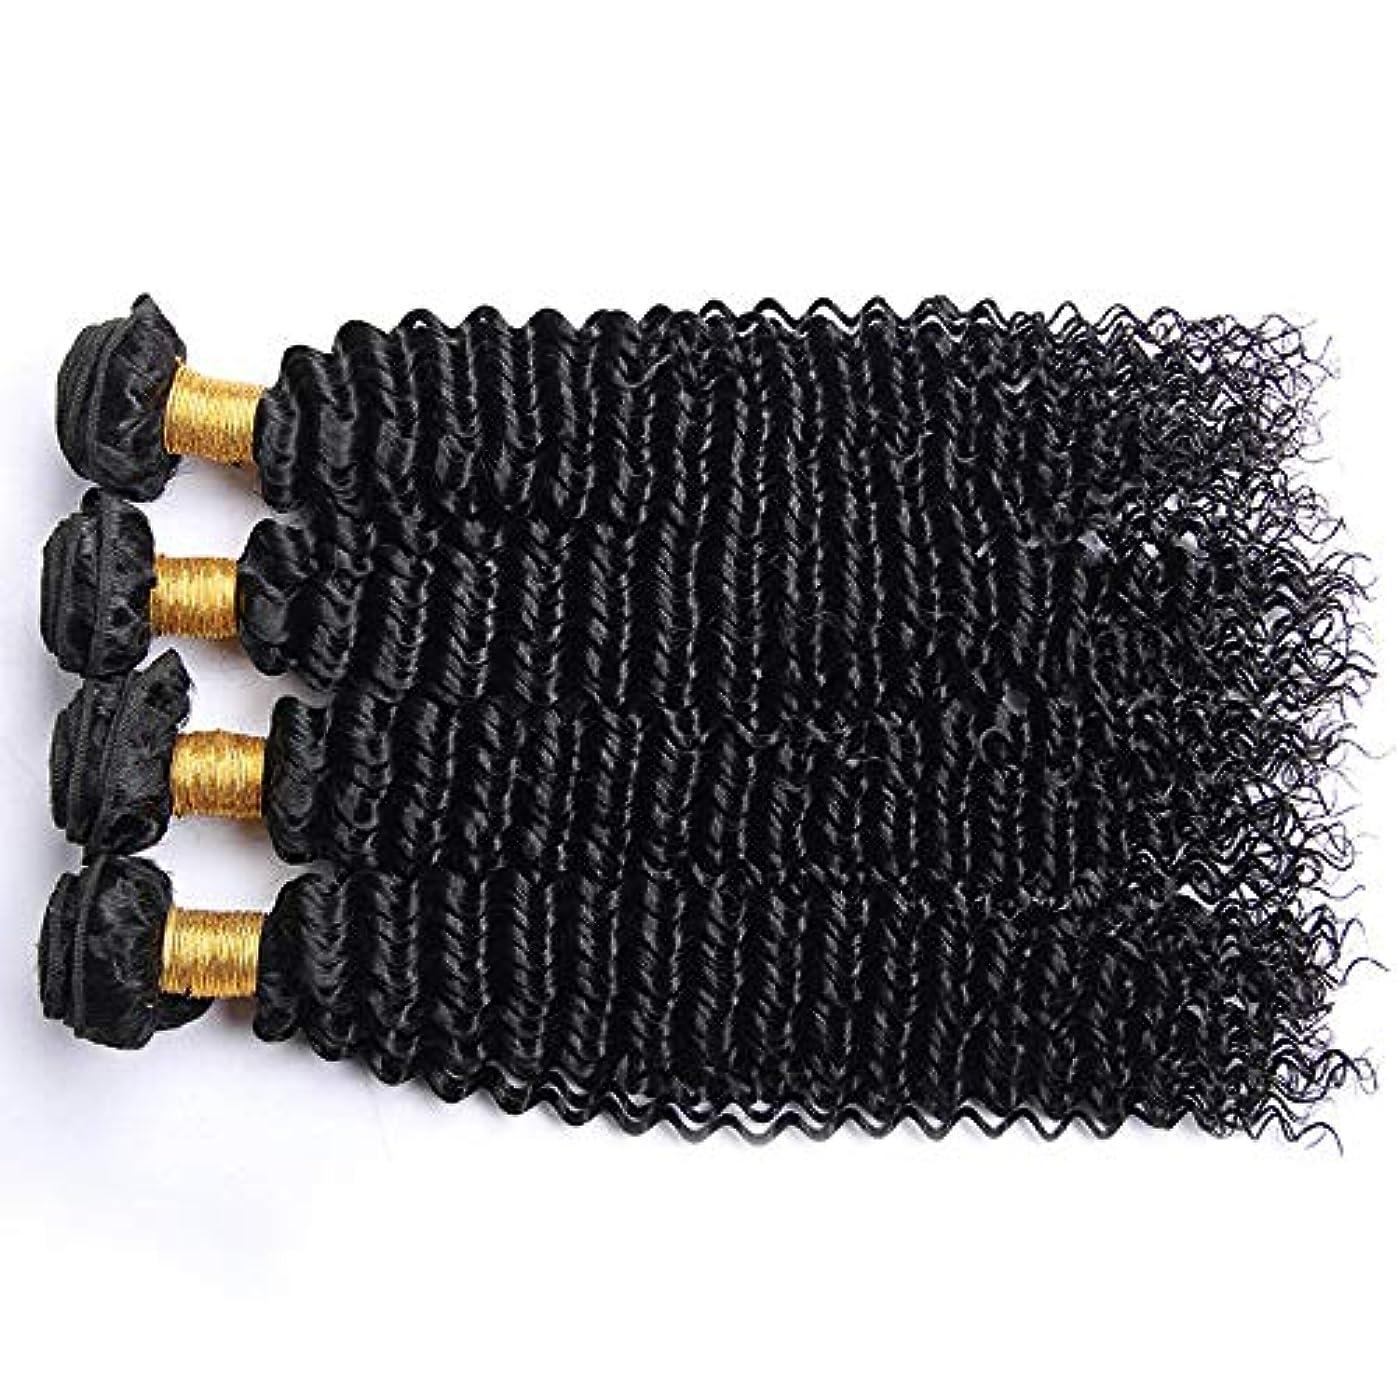 駅予想する返還HOHYLLYA アフロ変態カーリー人間の髪1バンドルブラジル100%未処理の人間の髪織り横糸ナチュラルカラーロングカーリーウィッグ (色 : 黒, サイズ : 28 inch)